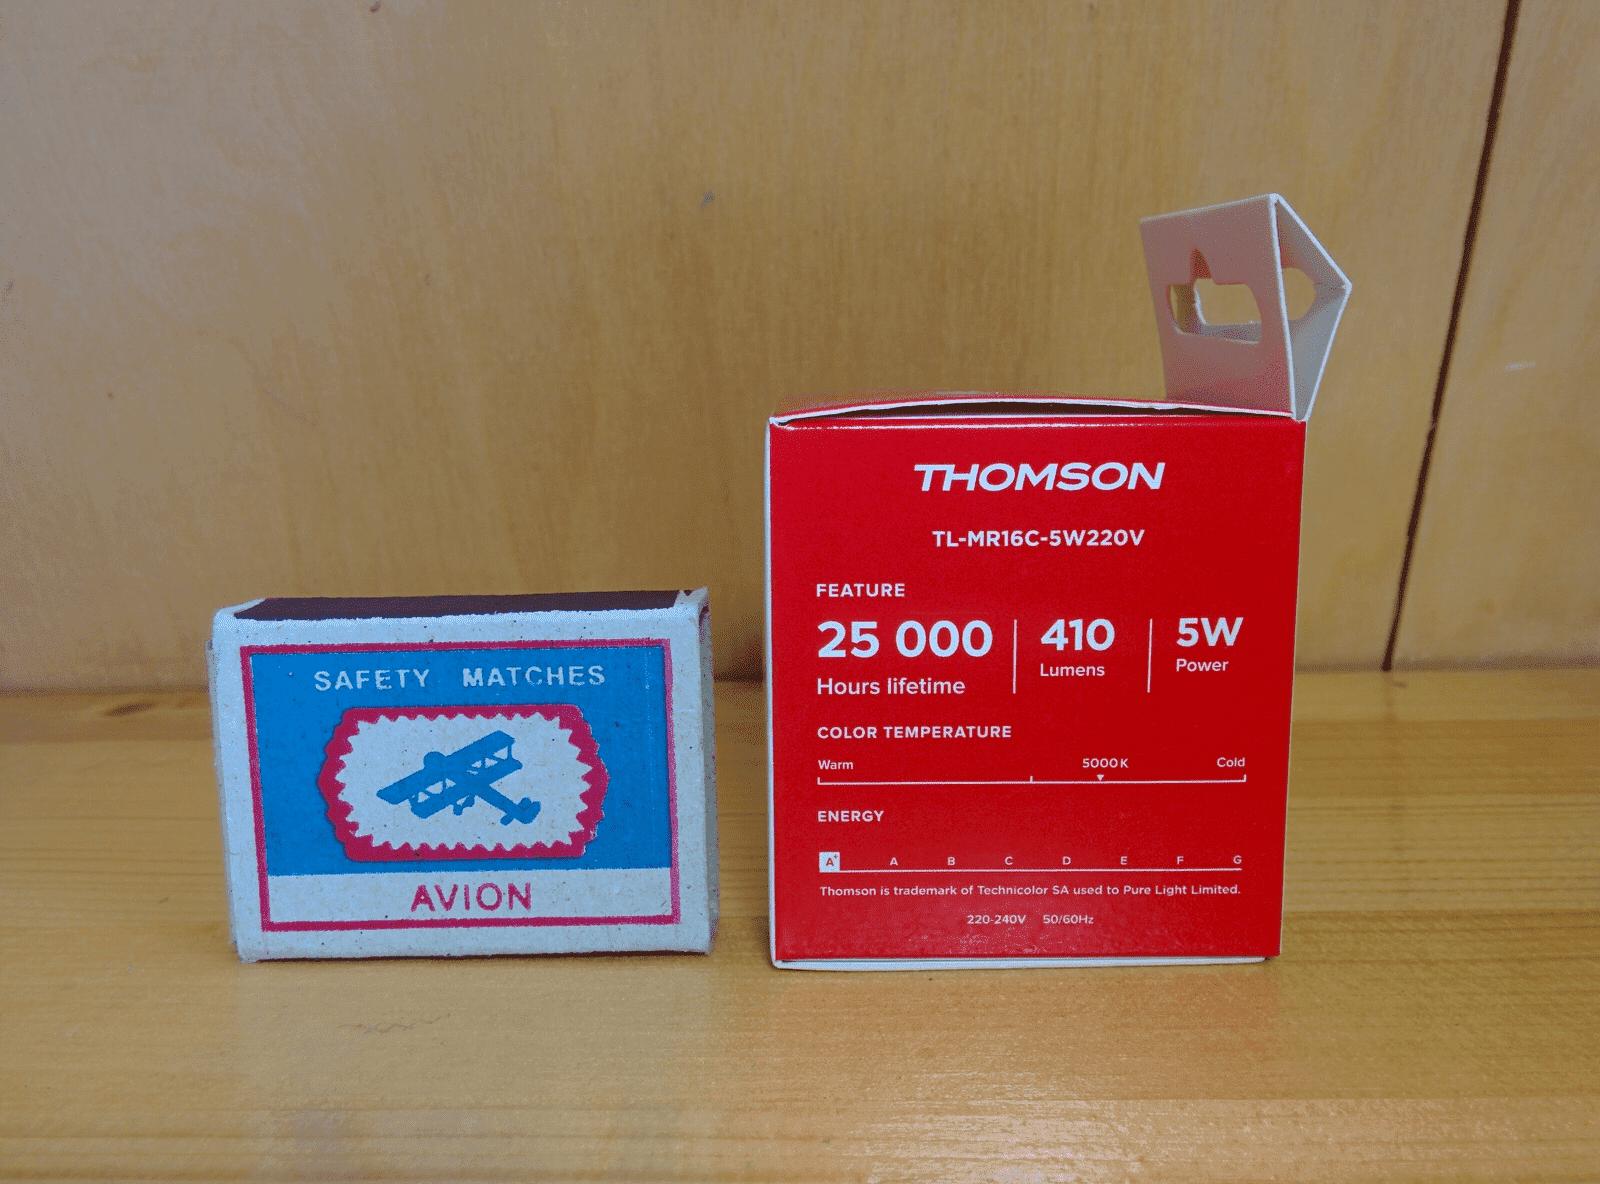 Thomson TL-MR16C-5W220V характеристики